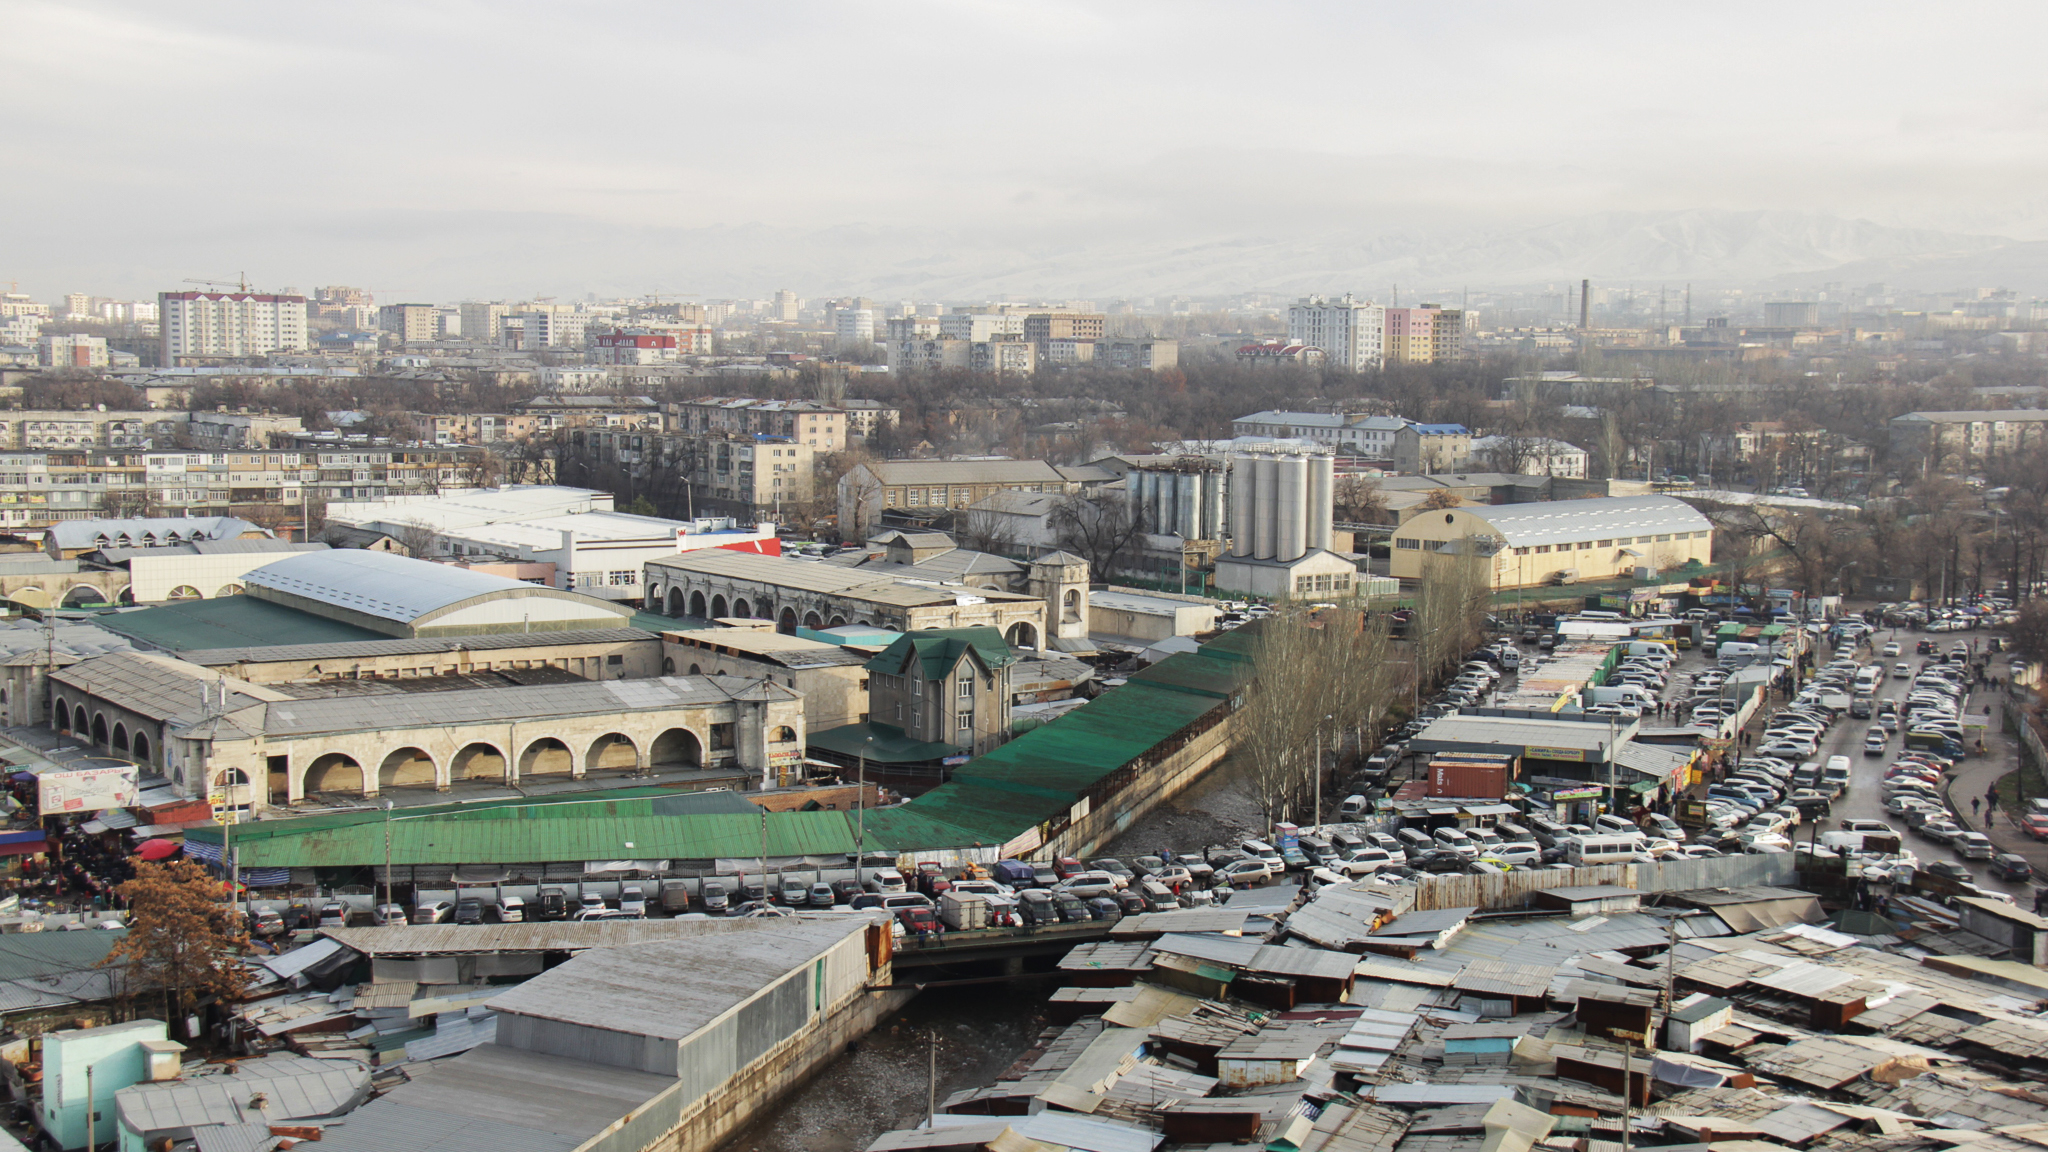 Не знай мы наверняка, что на фото Ошский рынок, мы были бы уверены, что это лодочные доки торгового городка.